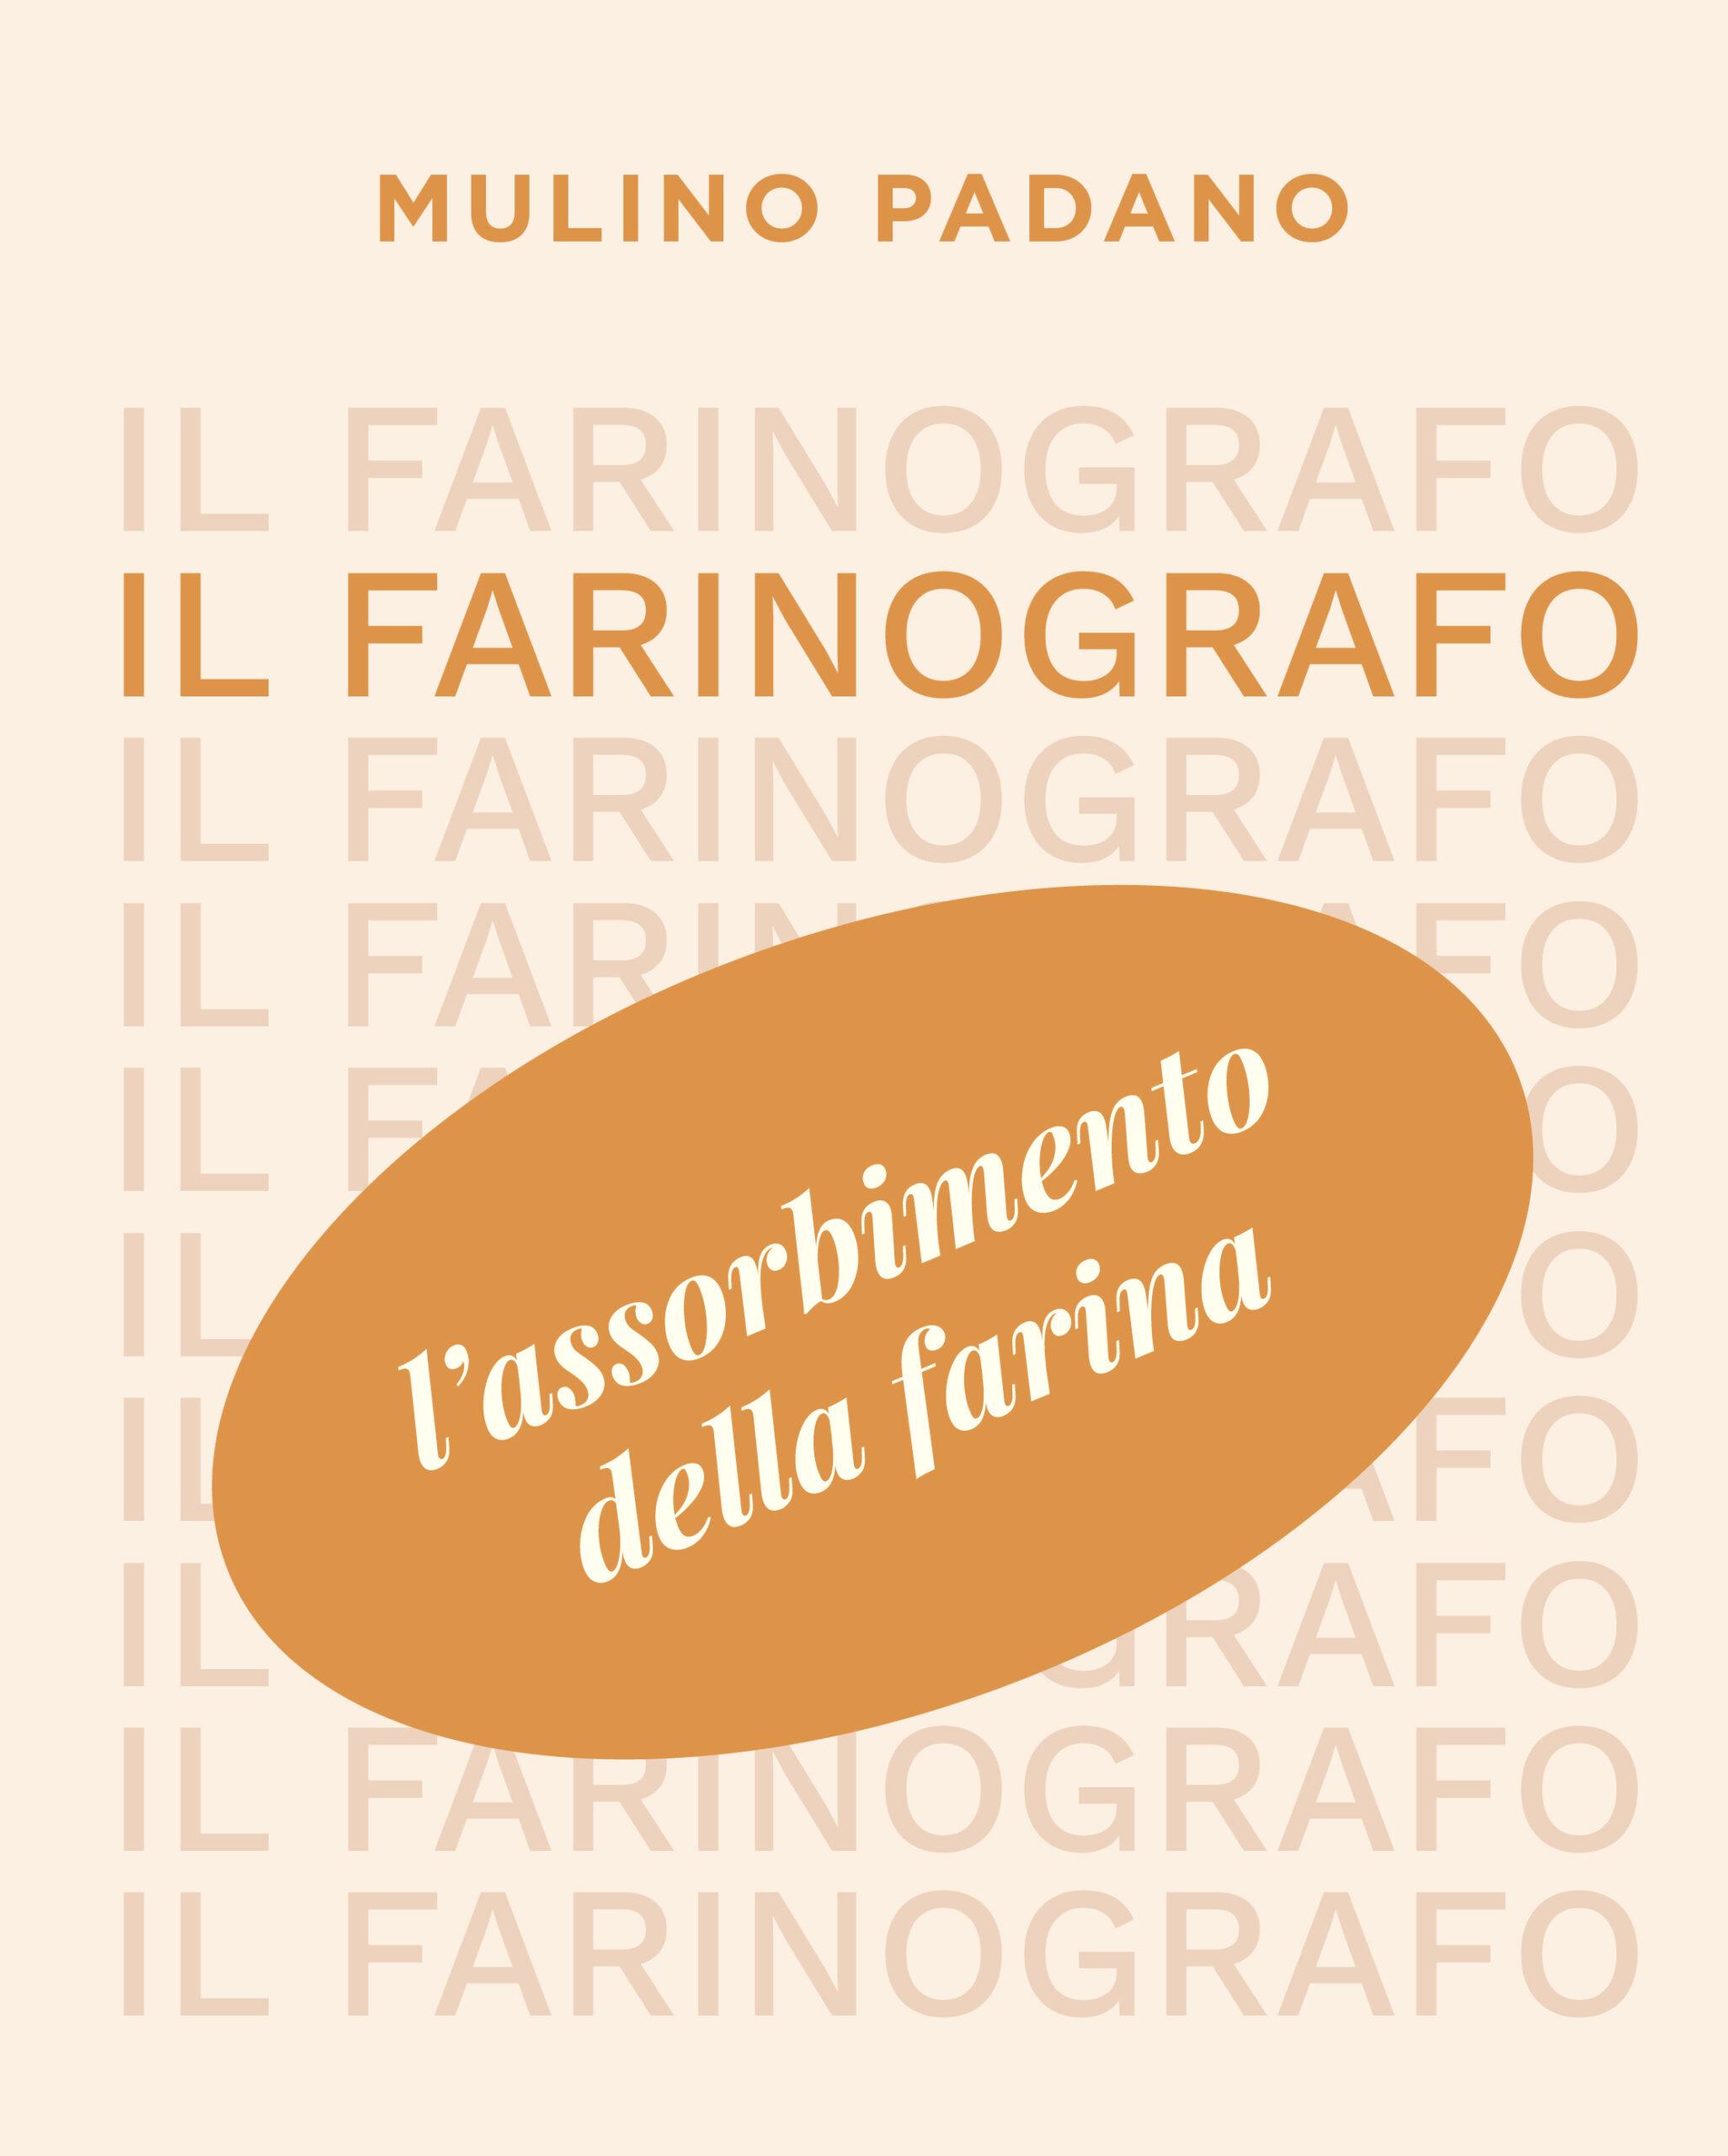 Farinografo